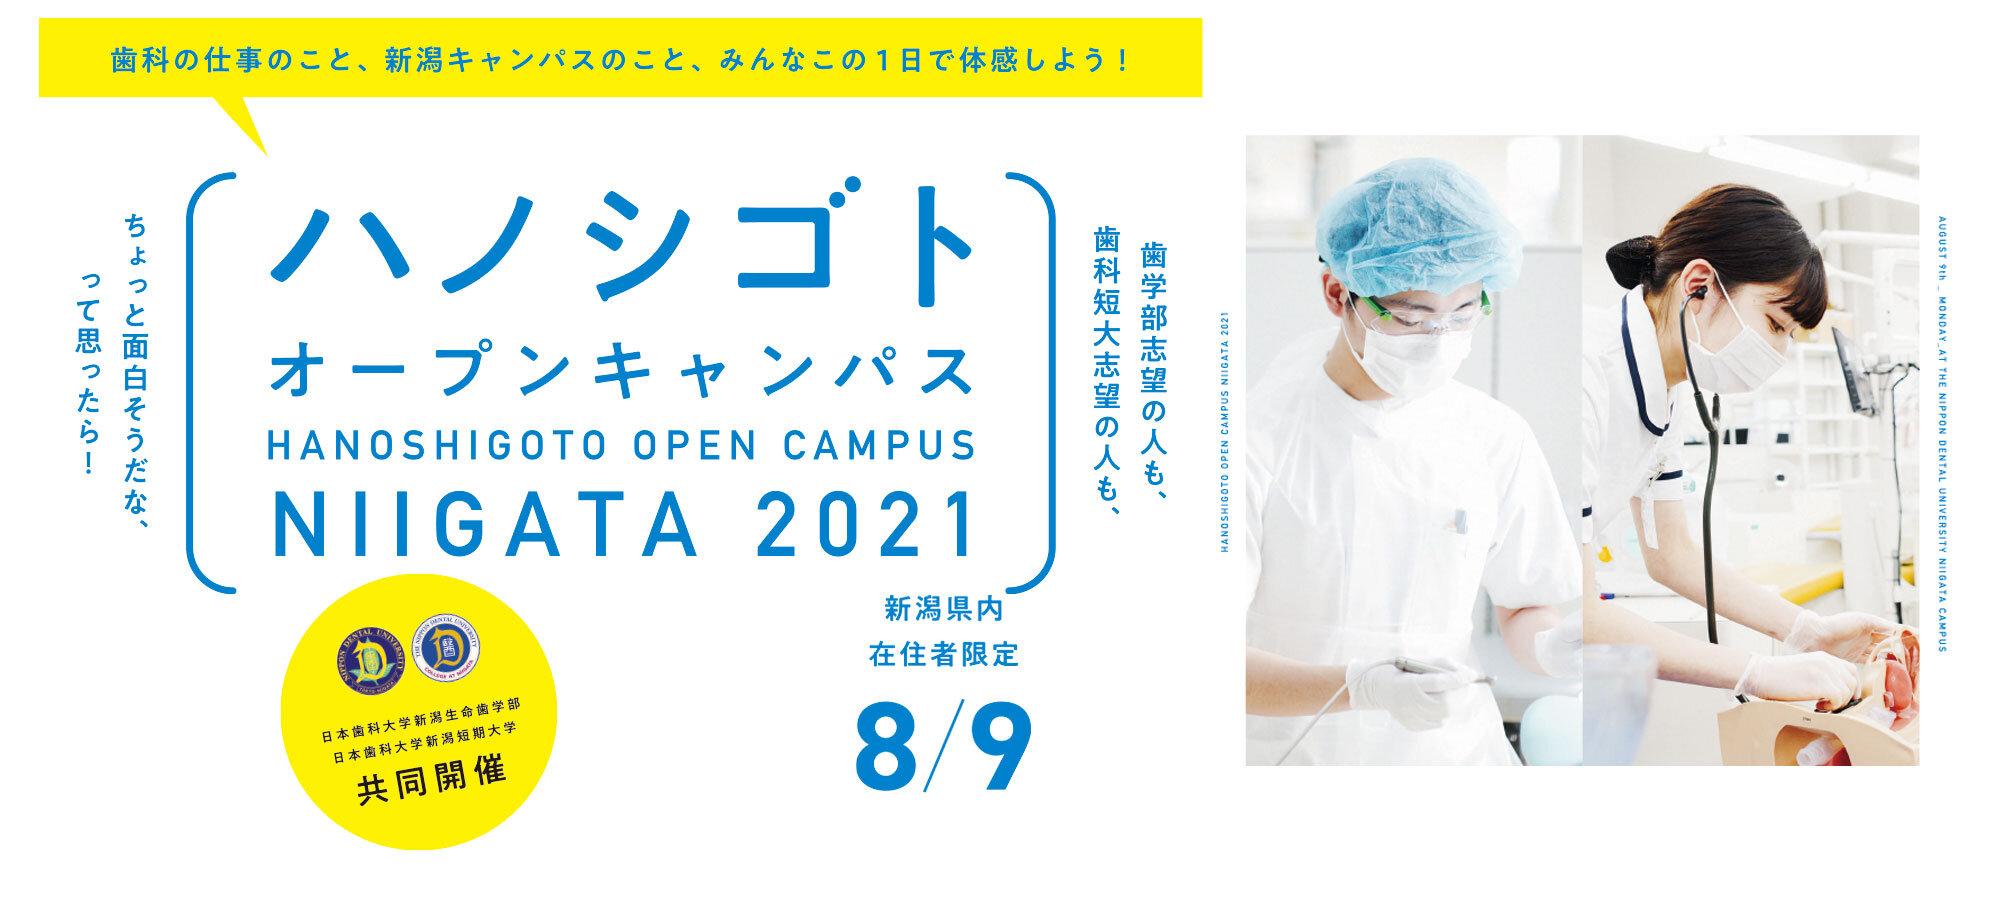 ハノシゴトオープンキャンパス2021